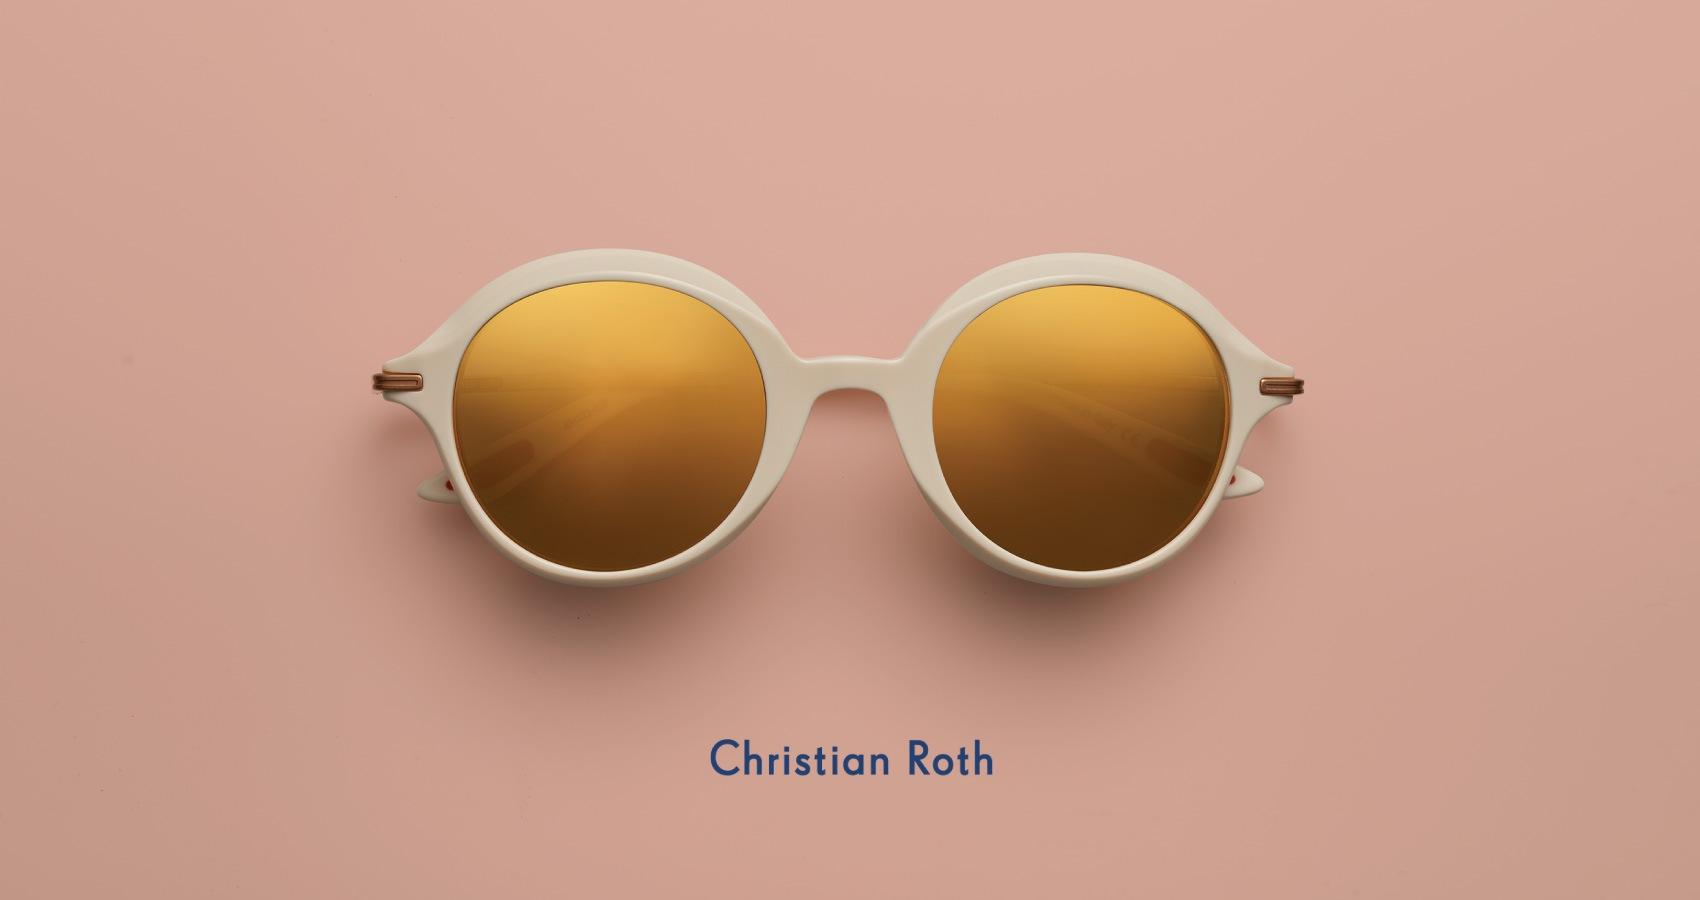 Cchristian-roth イメージ